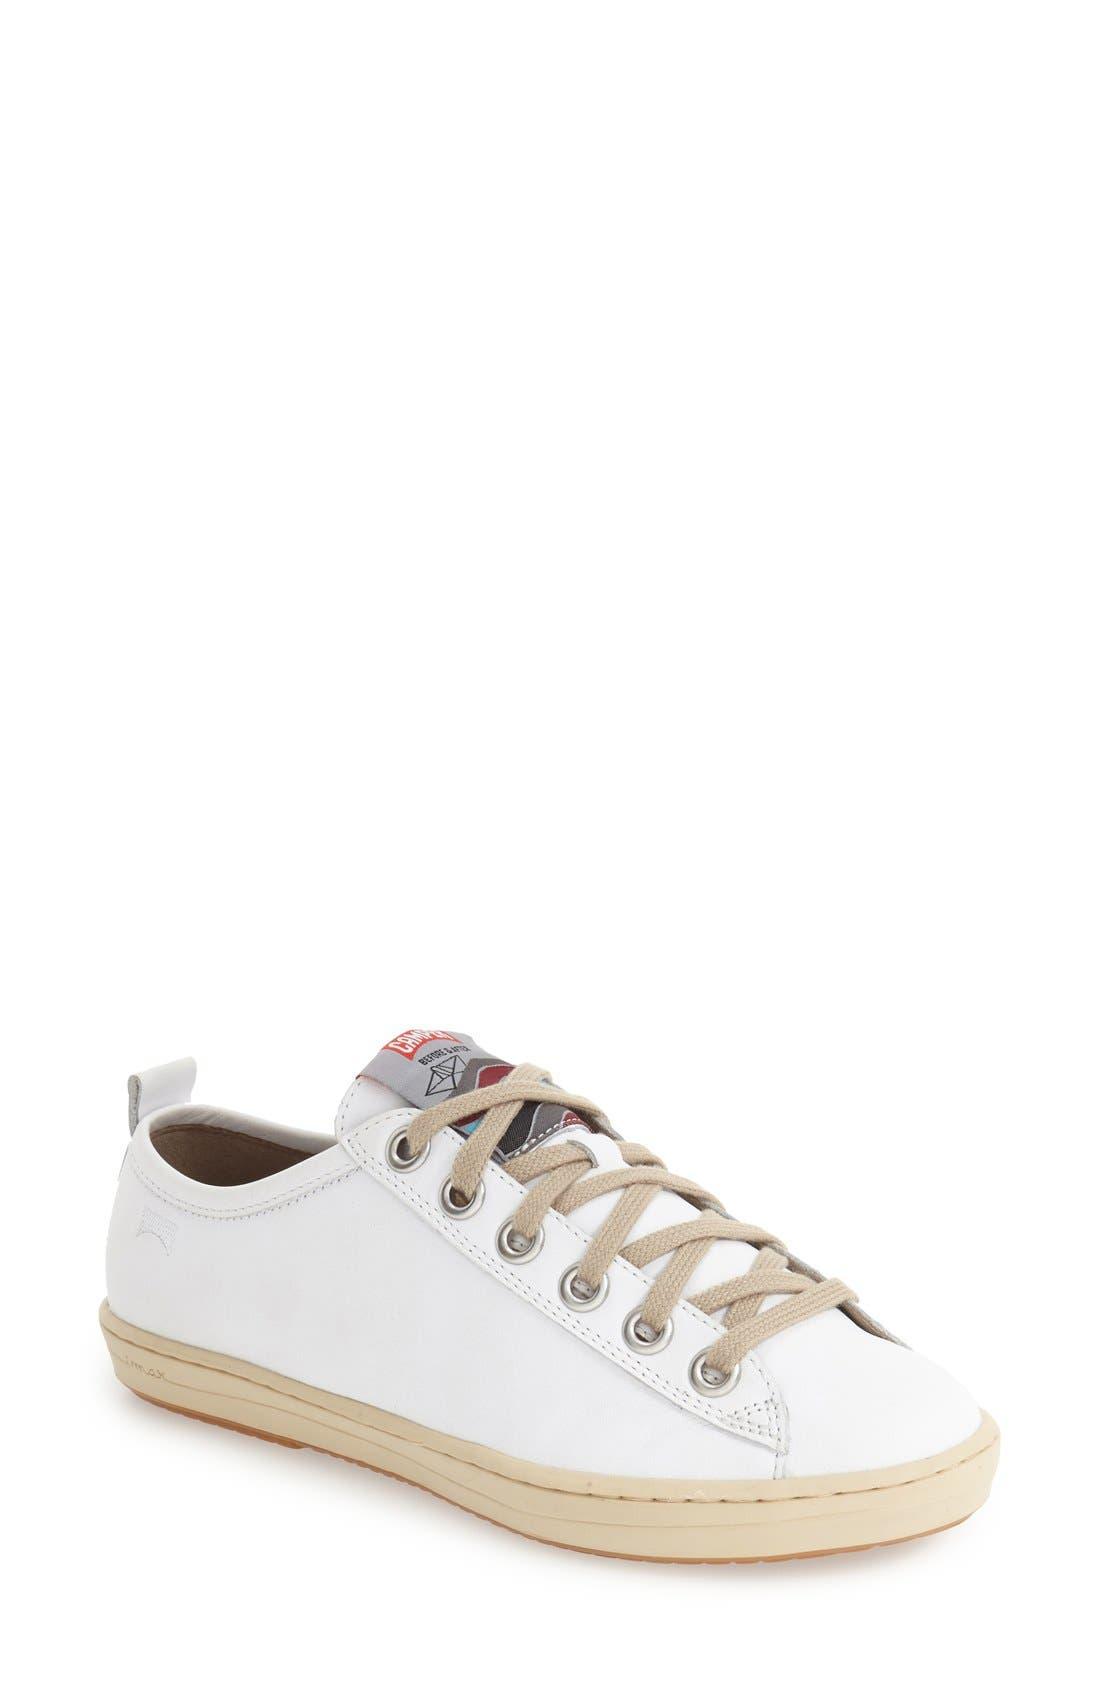 'Imar' Sneaker, Main, color, 100